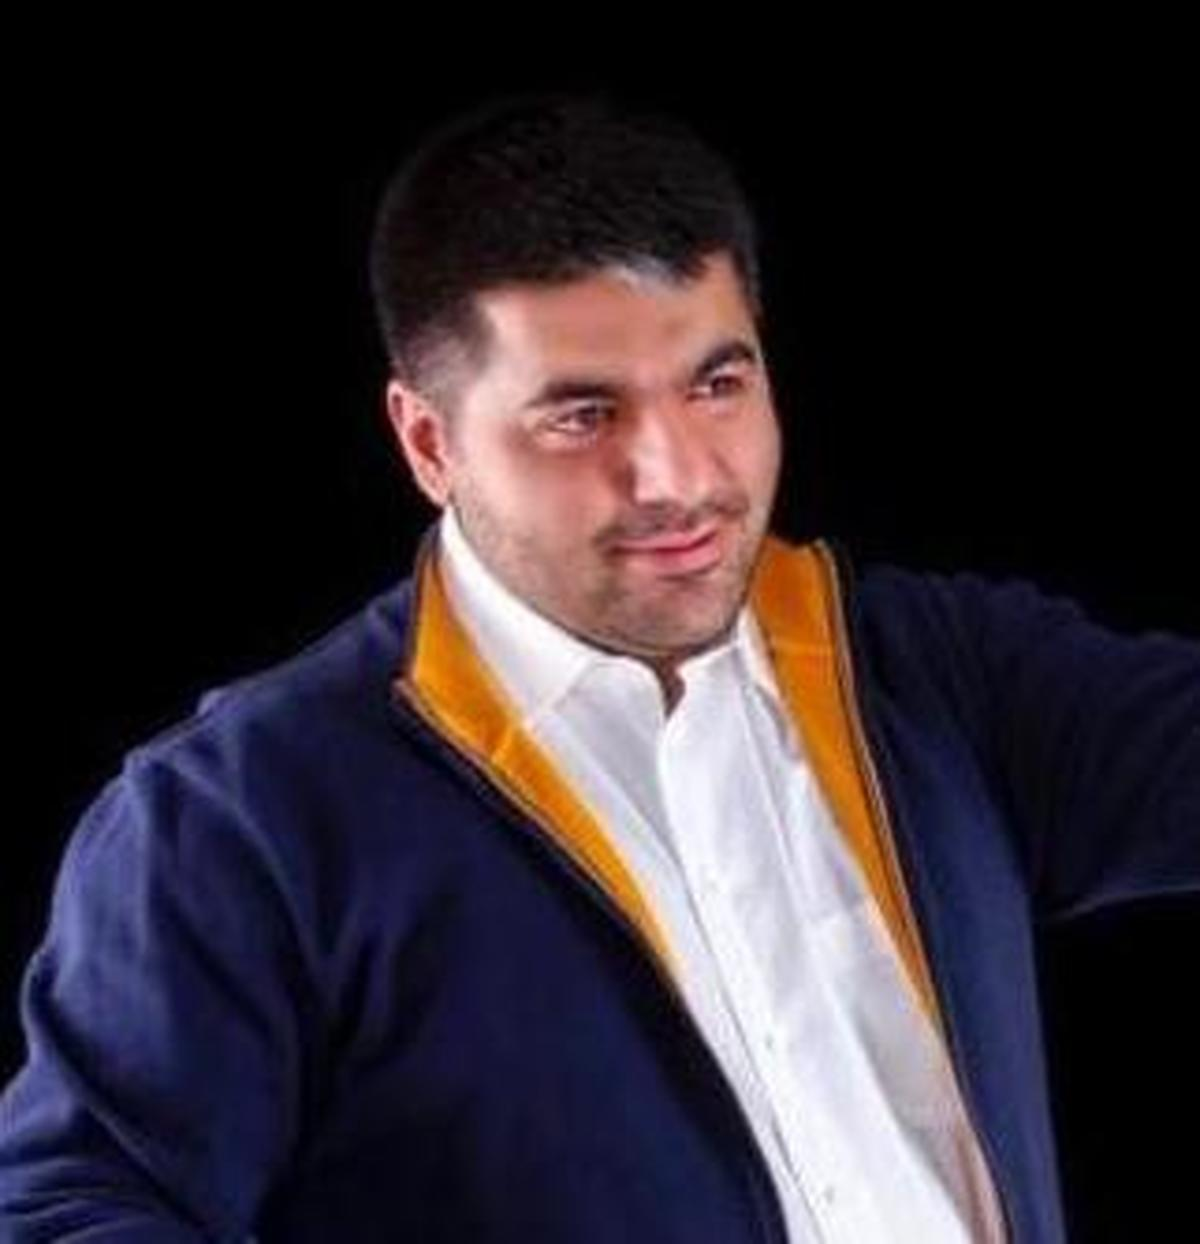 واکنش غرضی به توهین خبرنگار در سوال از پژمان جمشیدی  غرضی: او مریض است